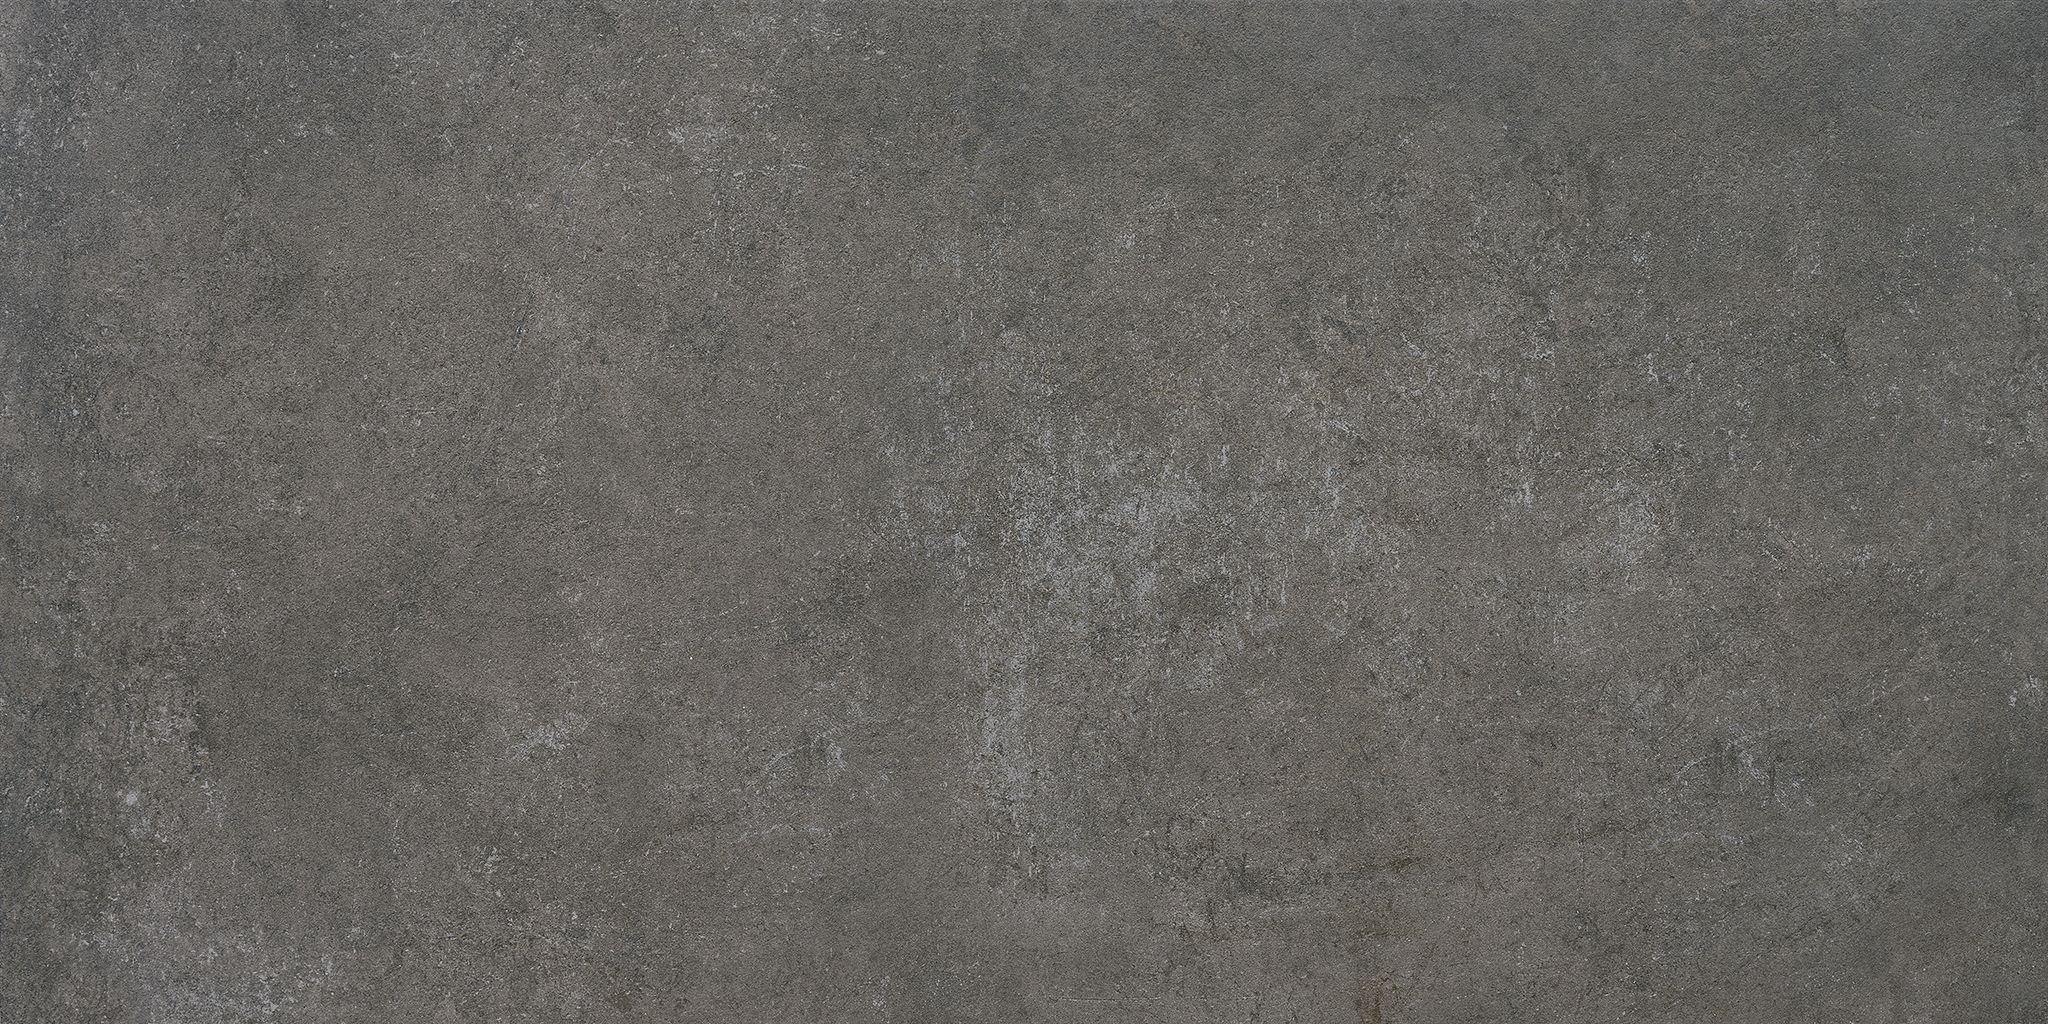 Faianță pentru baie Saloni Quarz Antracite Lappato 600x1200 semi-lustruită negru / 2